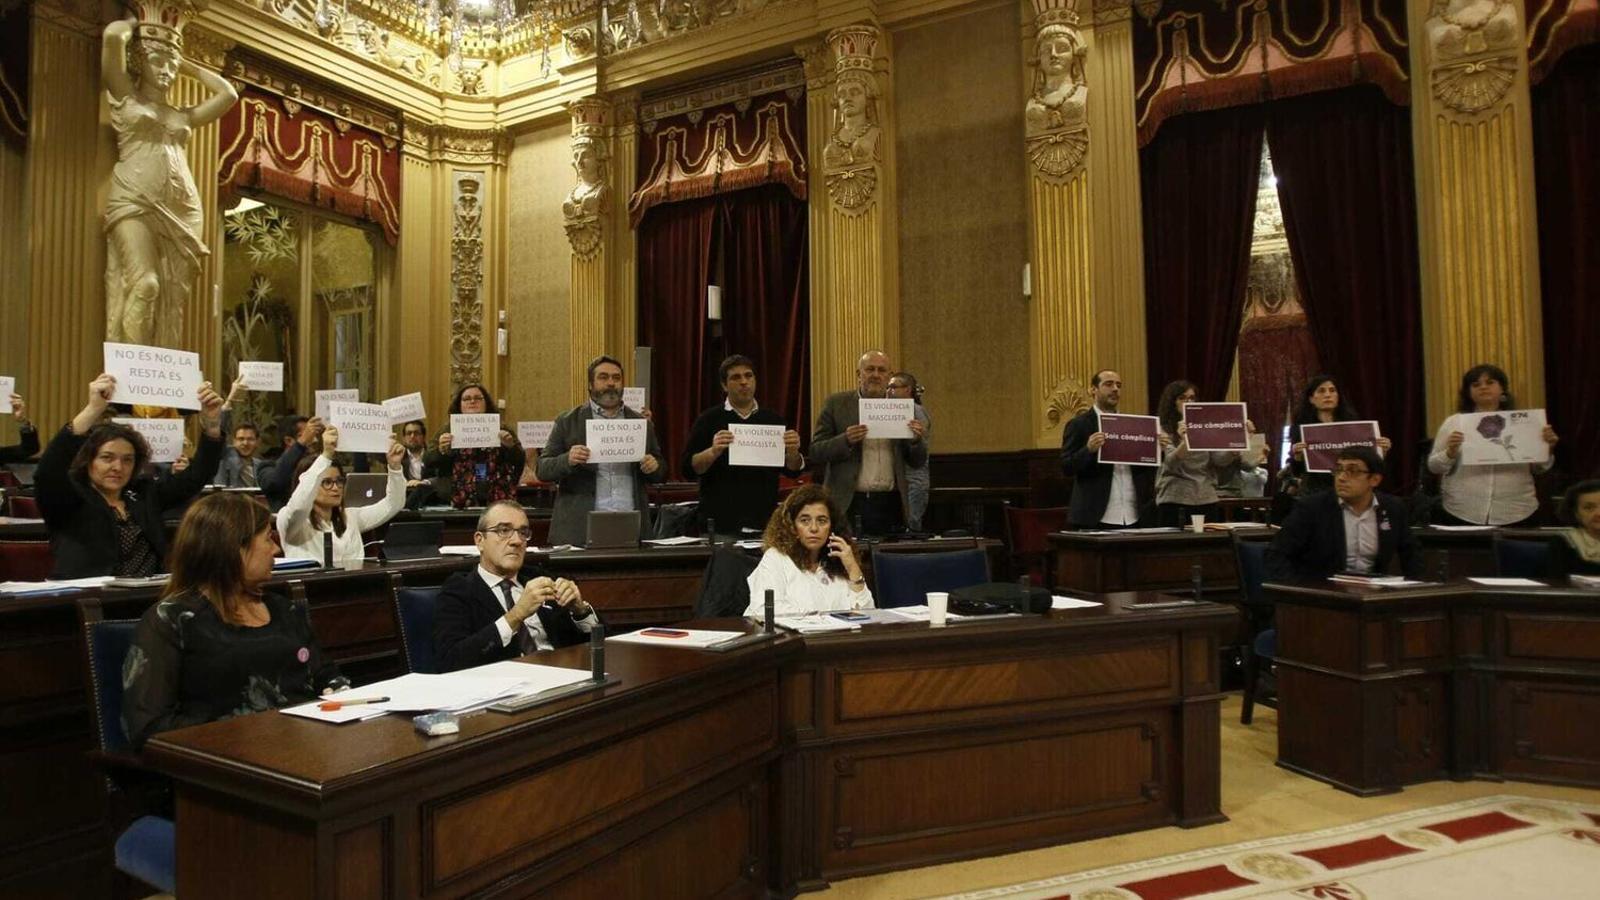 Molts diputats varen manifestar el seu malestar contra l'extrema dreta l'any passat, el primer que el Parlament no va poder fer una declaració institucional contra la violència masclista